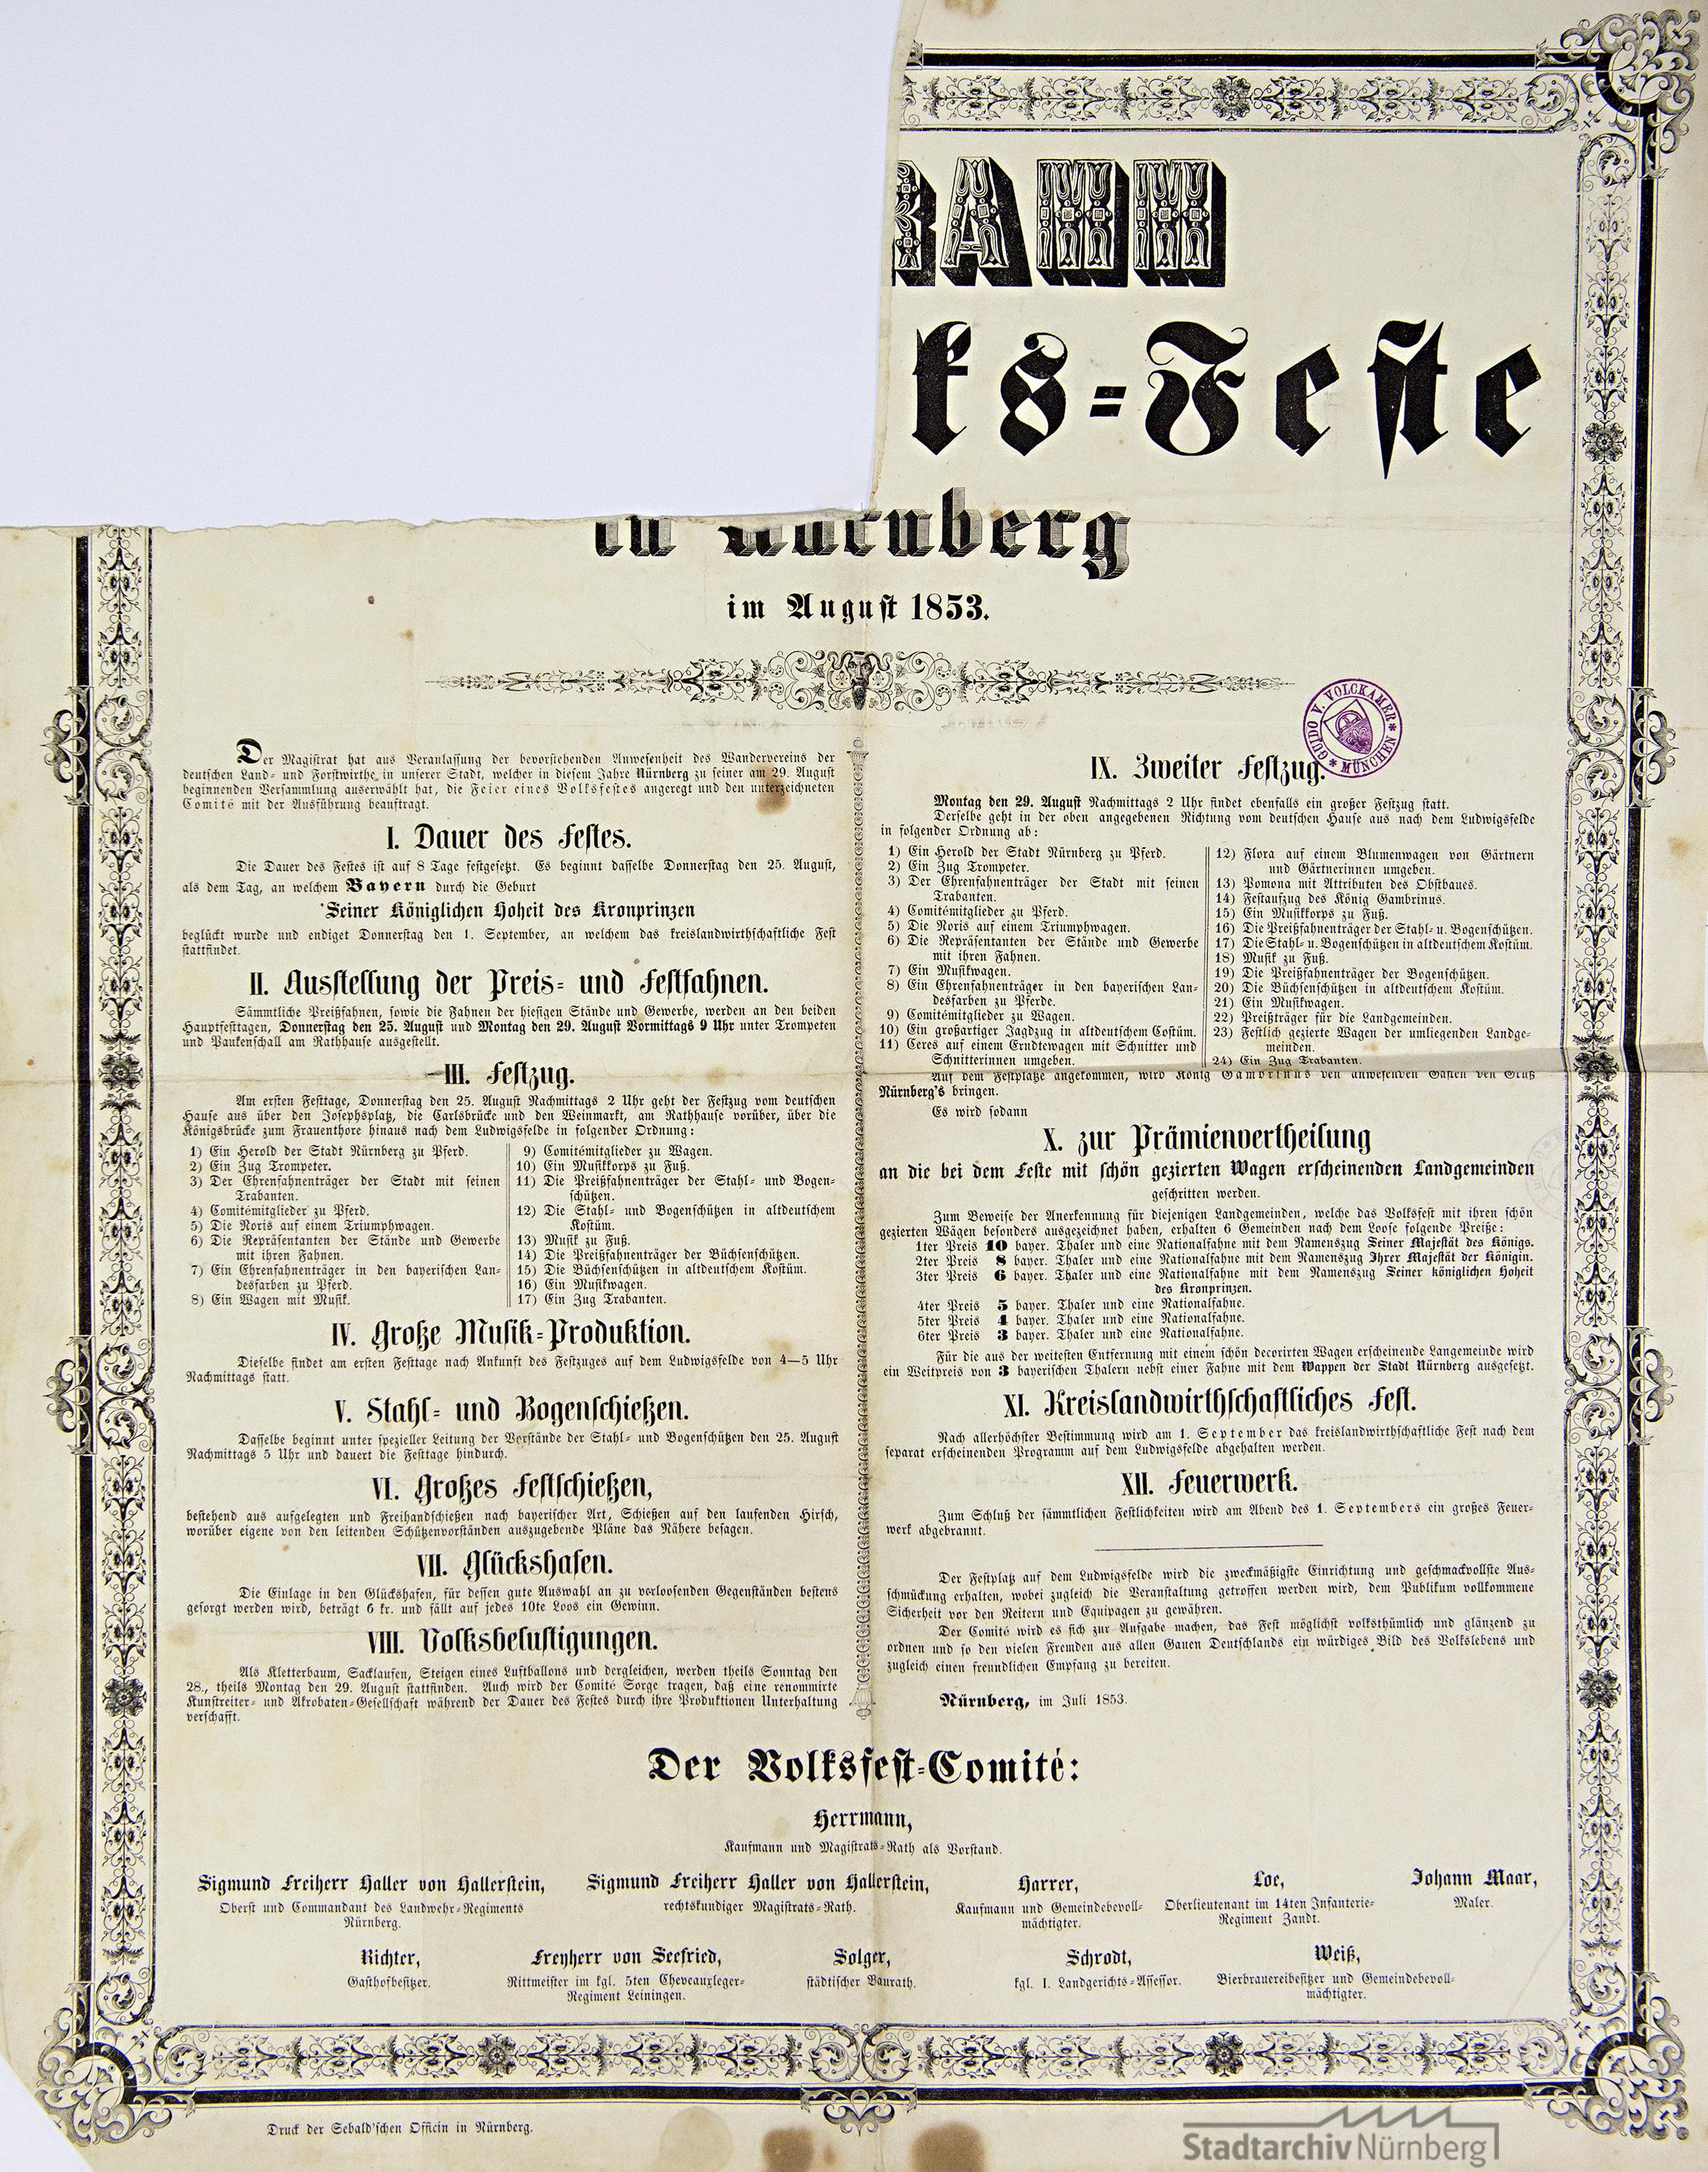 Programm des Volksfestes 1853 (Stadtarchiv Nürnberg A 25 Nr. 642)